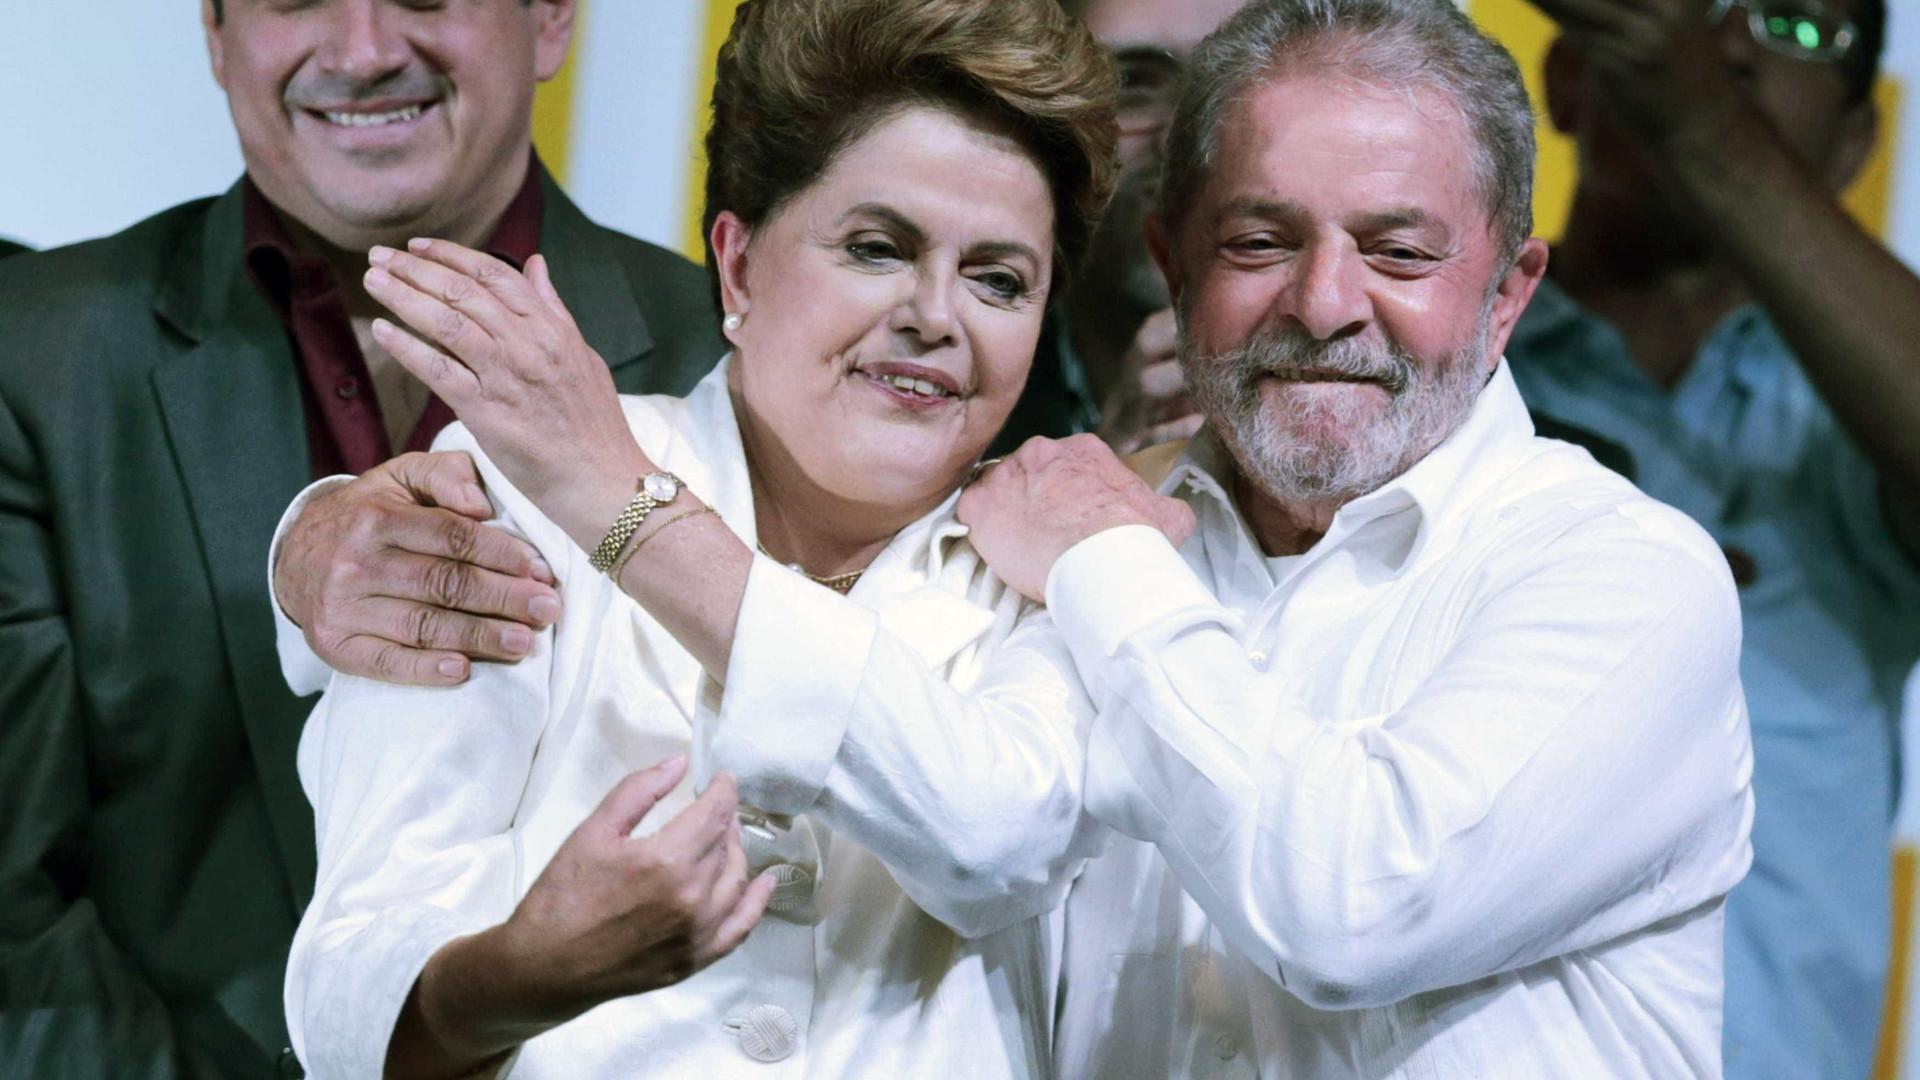 Eleitorado se sentiu traído por Dilma, diz petista